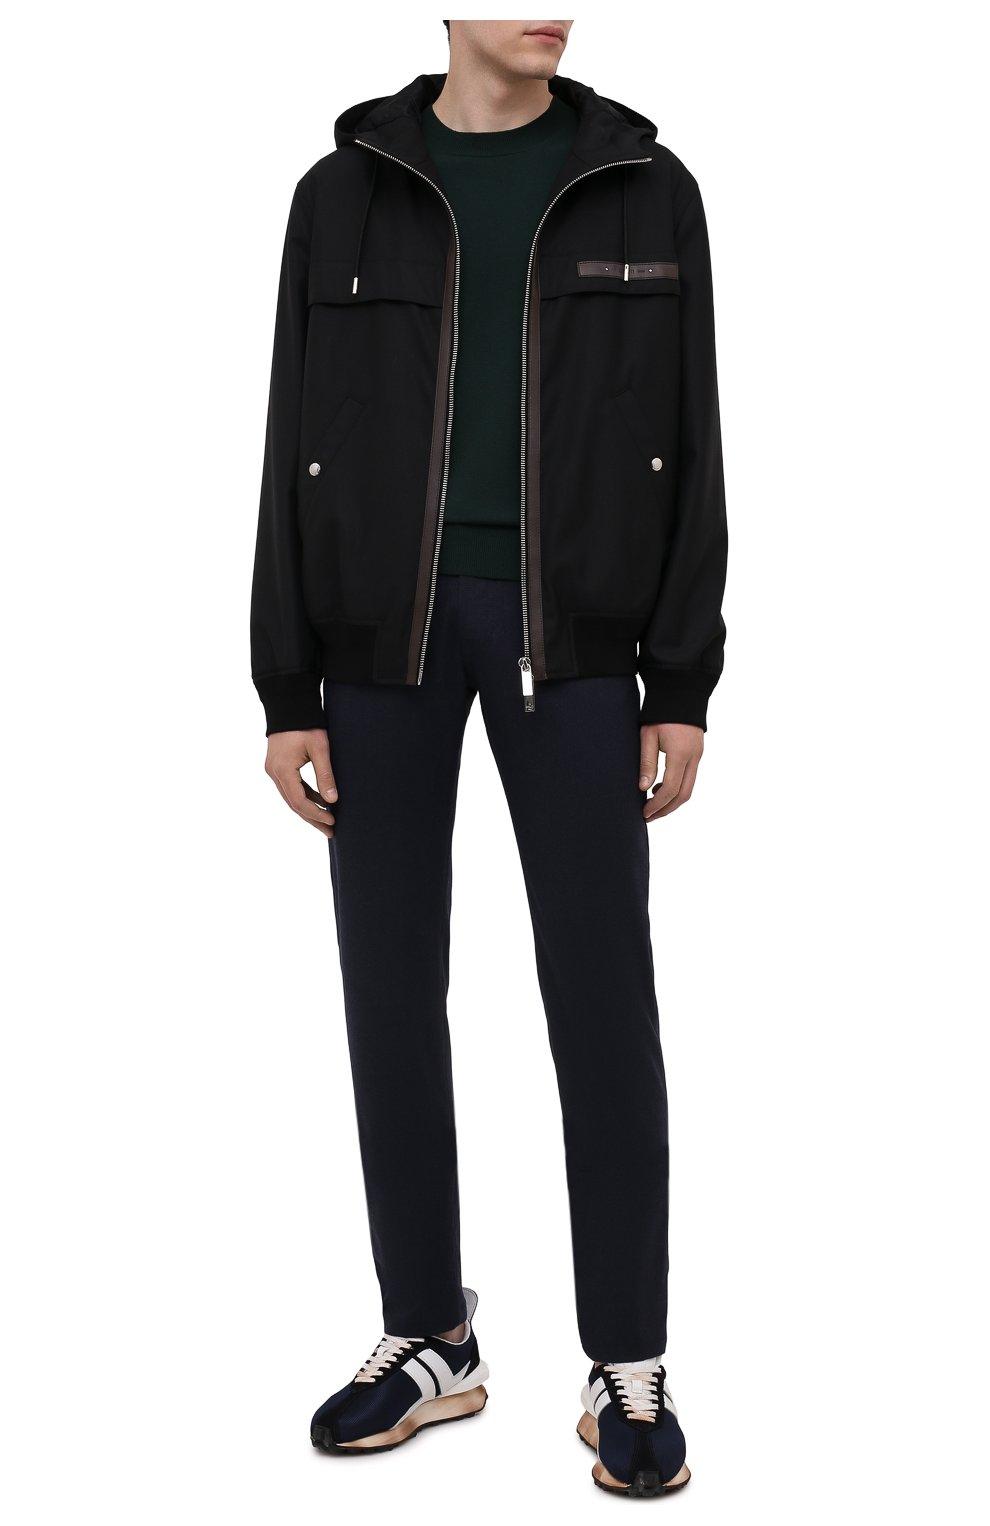 Мужские кашемировые брюки MARCO PESCAROLO темно-синего цвета, арт. NERAN0M18/ZIP/4442 | Фото 2 (Материал внешний: Шерсть, Кашемир; Длина (брюки, джинсы): Стандартные; Случай: Повседневный; Стили: Кэжуэл)